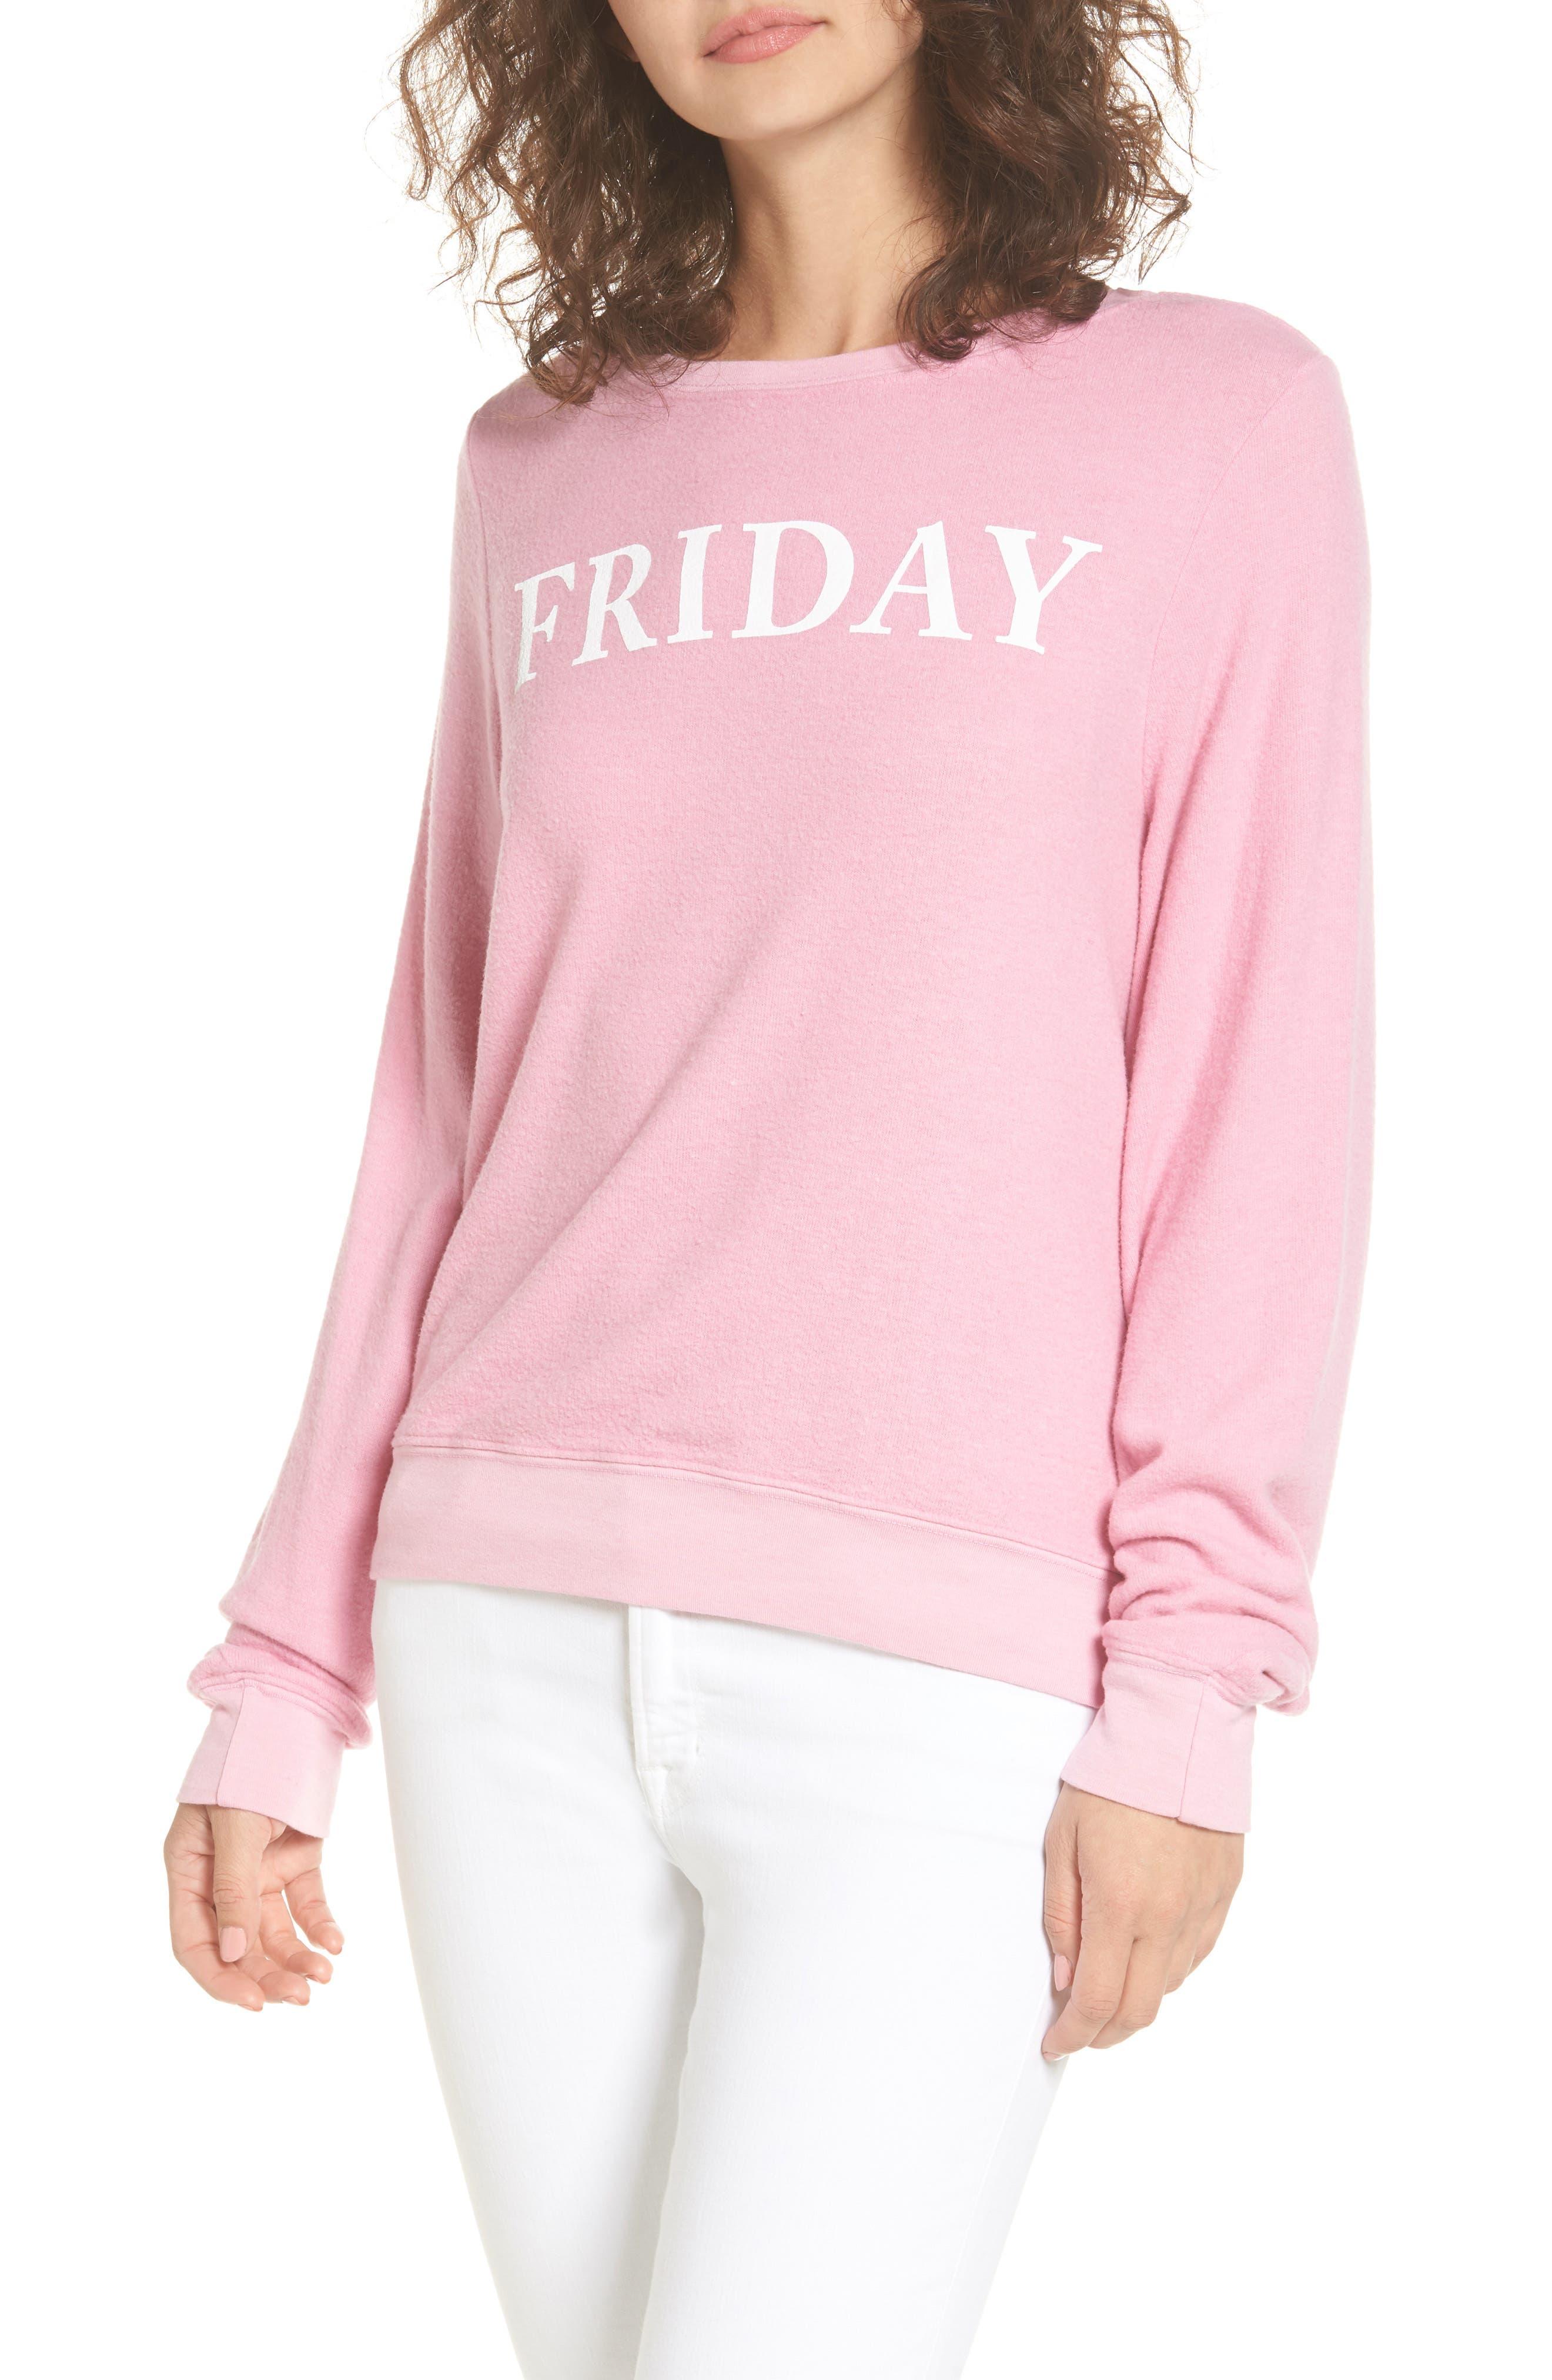 Friday Sweatshirt,                             Main thumbnail 1, color,                             650